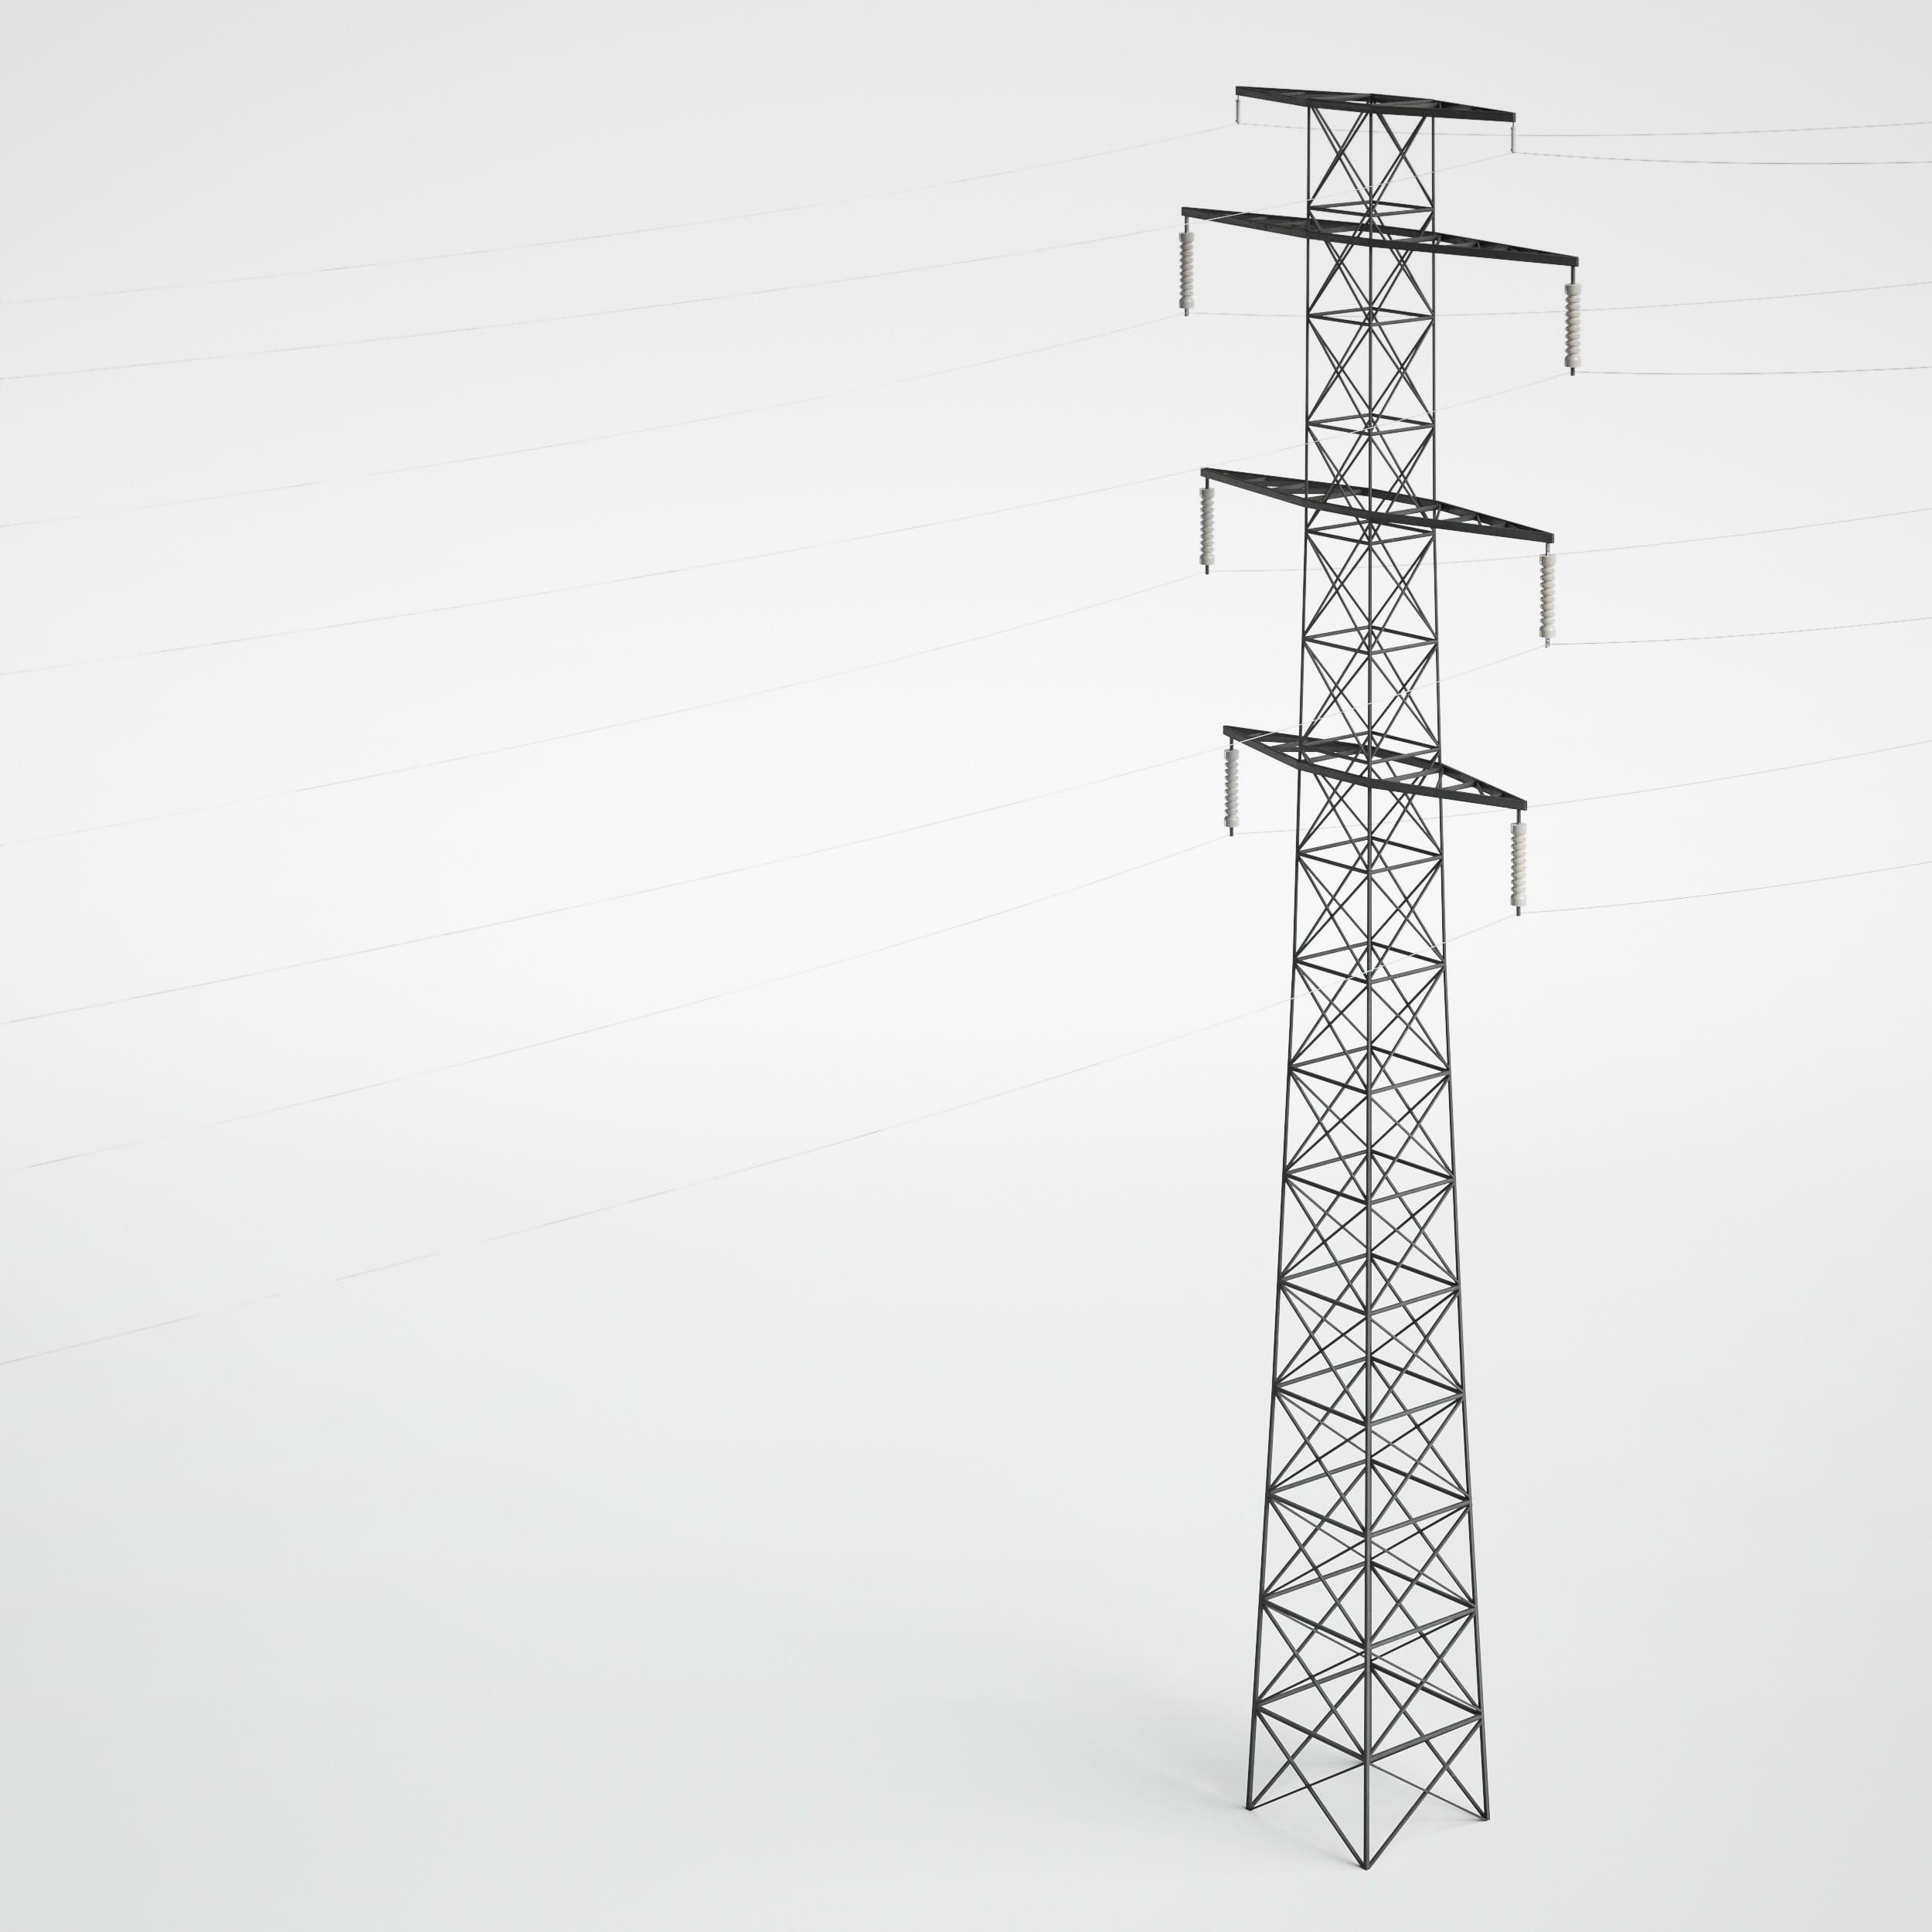 utility pole 28 AM227 Archmodels